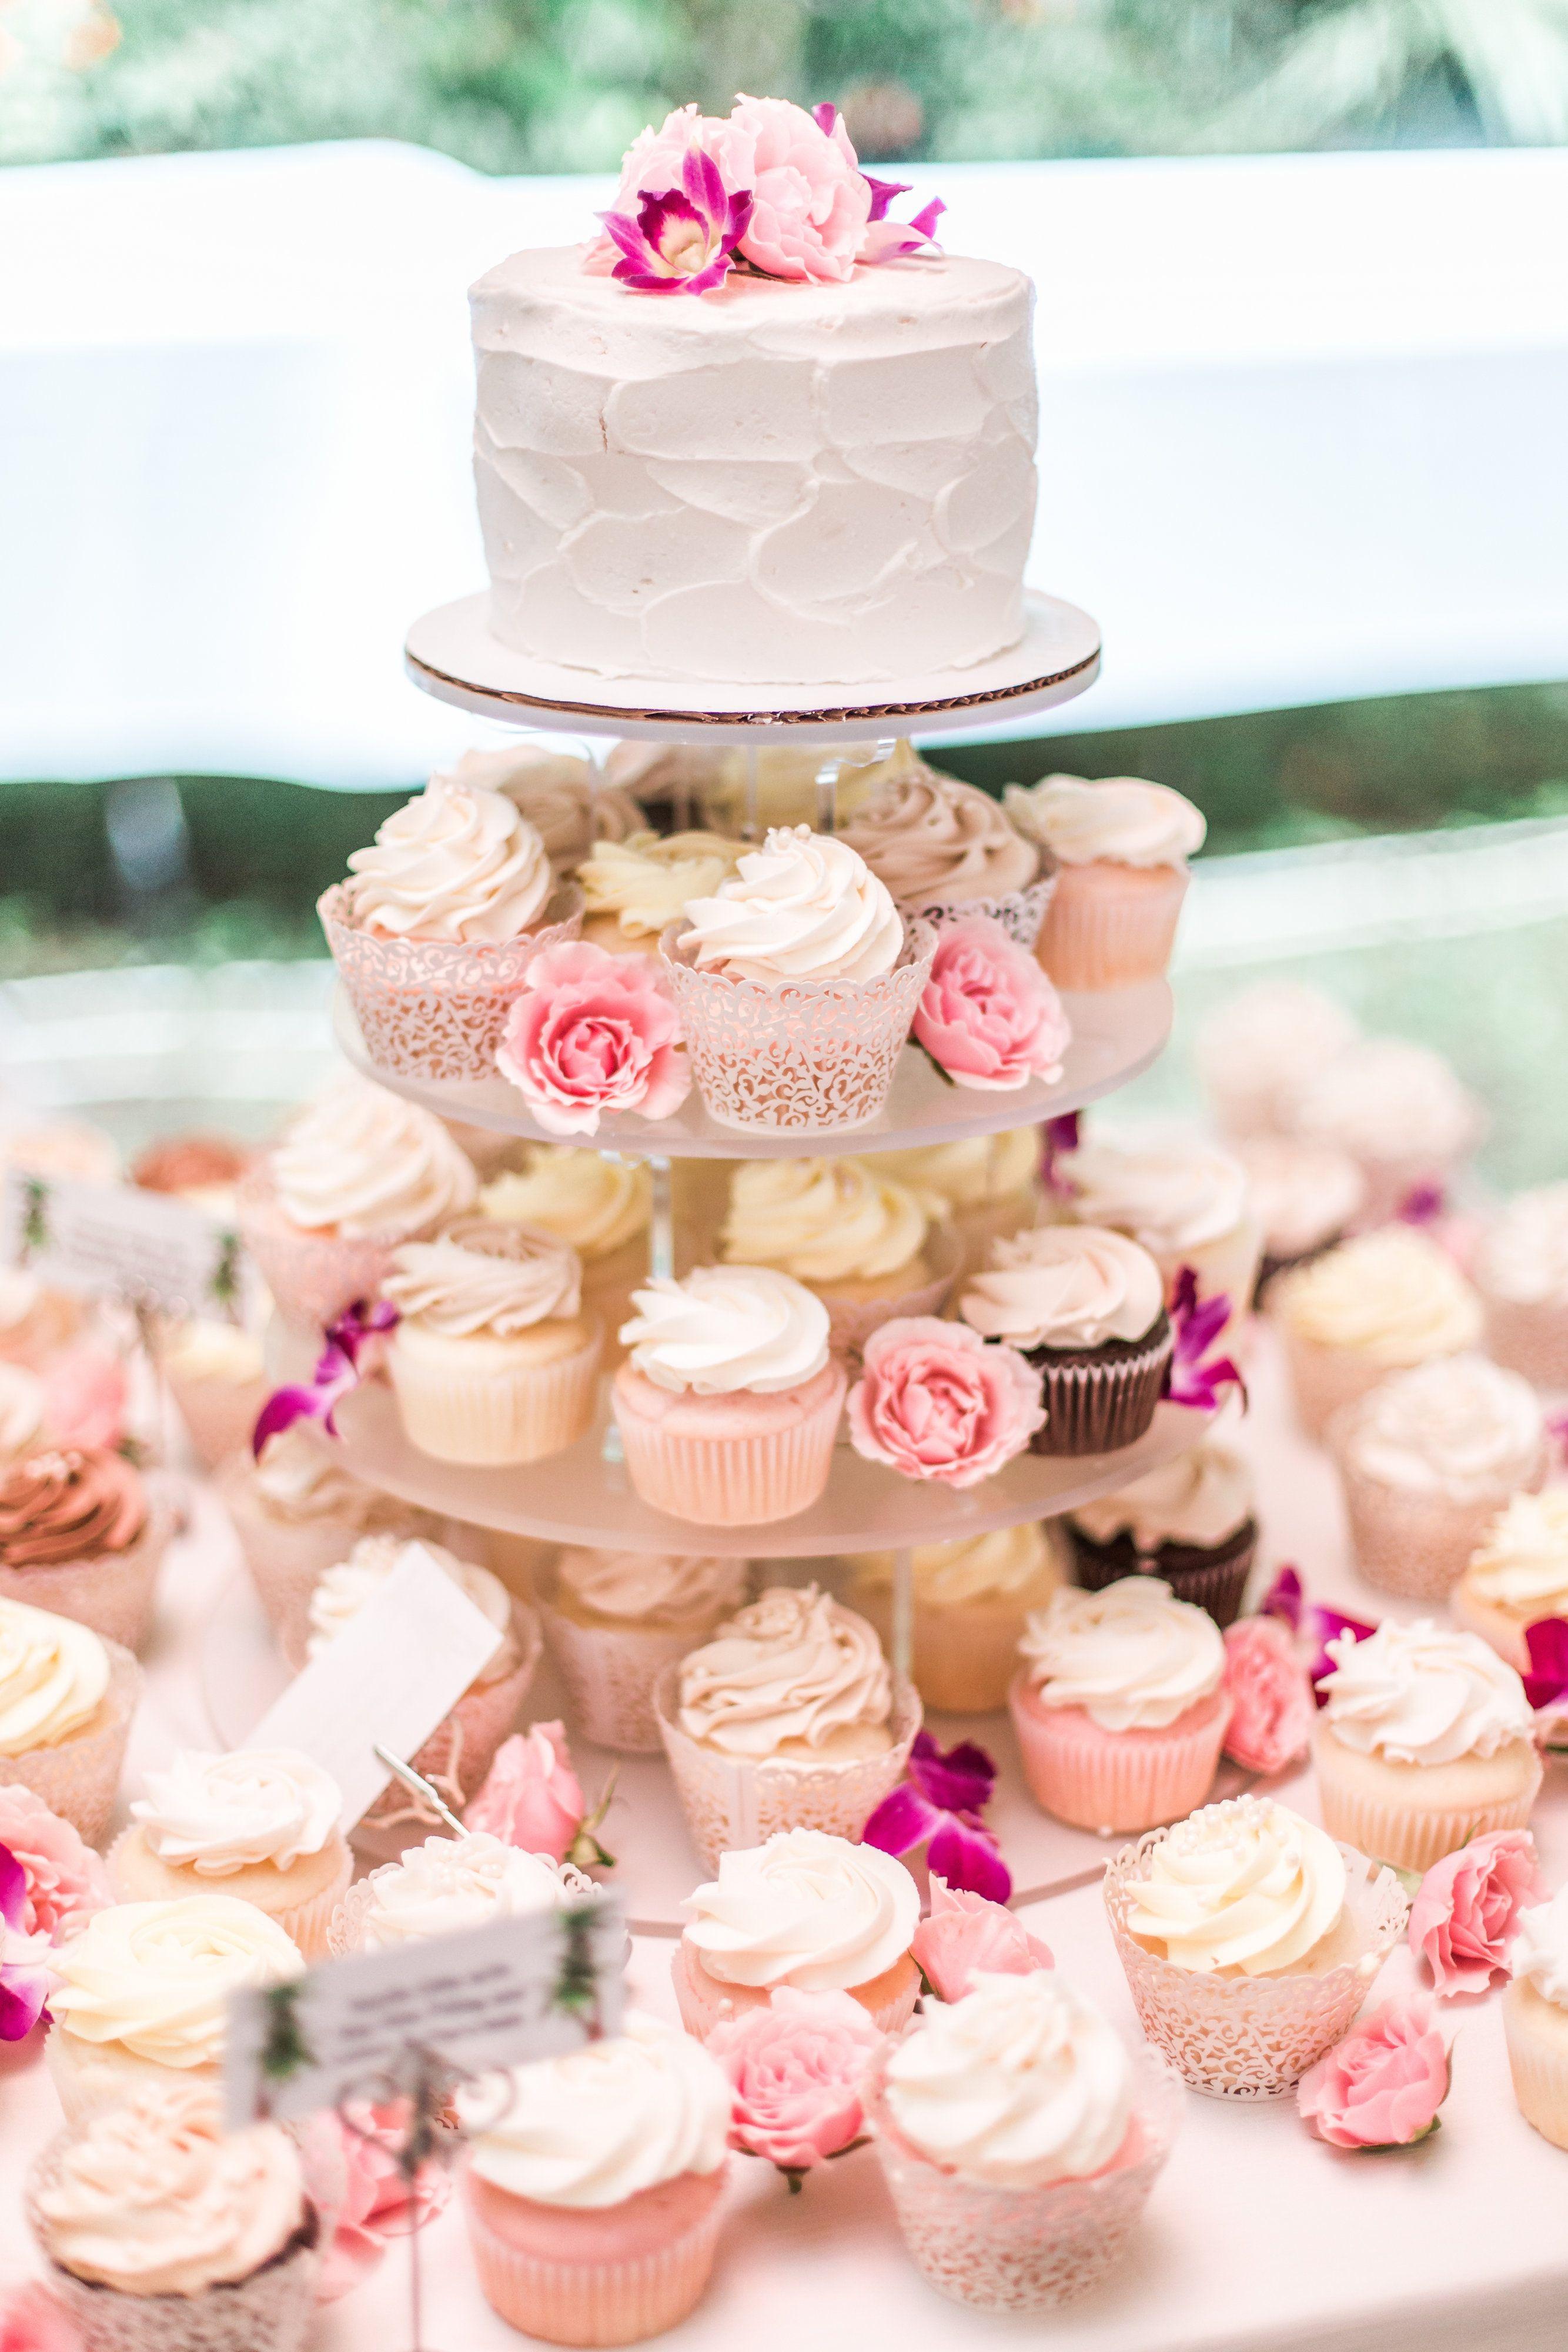 Wedding Cupcakes, wedding cupcake displays Wedding cake